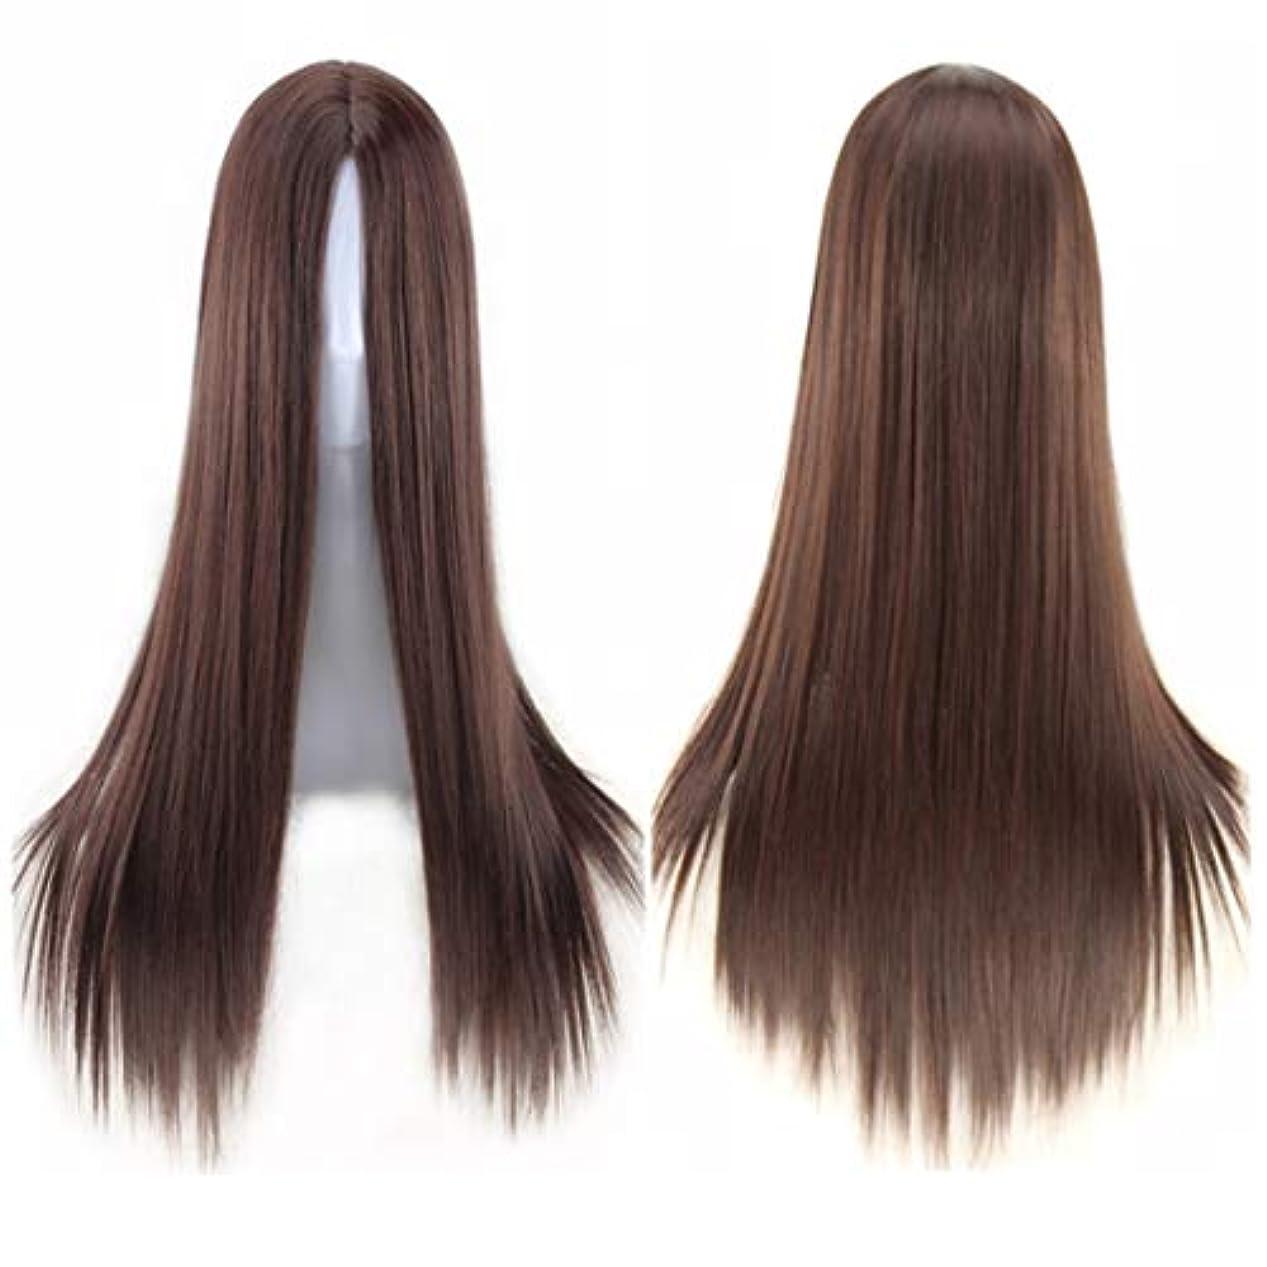 ワードローブ分解する交じるKoloeplf ミドルの前髪のかつら耐熱ウィッグ65 cmのロングストレートウィッグの人々のためのパーティーパフォーマンスカラーウィッグ(マルチカラー) (Color : Navy brown)